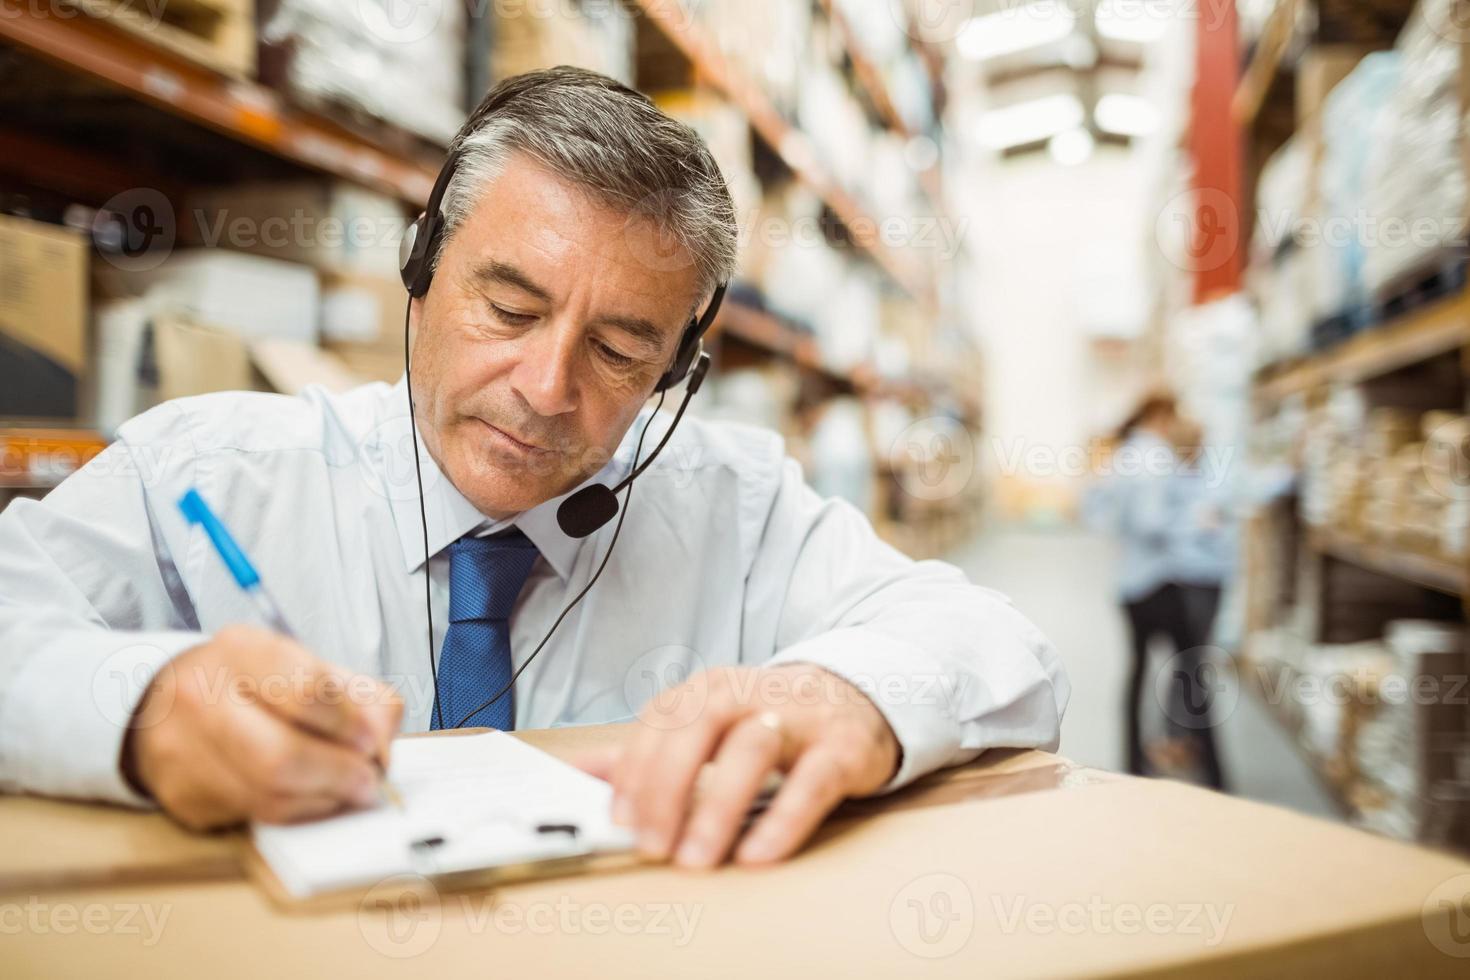 jefe de almacén escribiendo en portapapeles foto